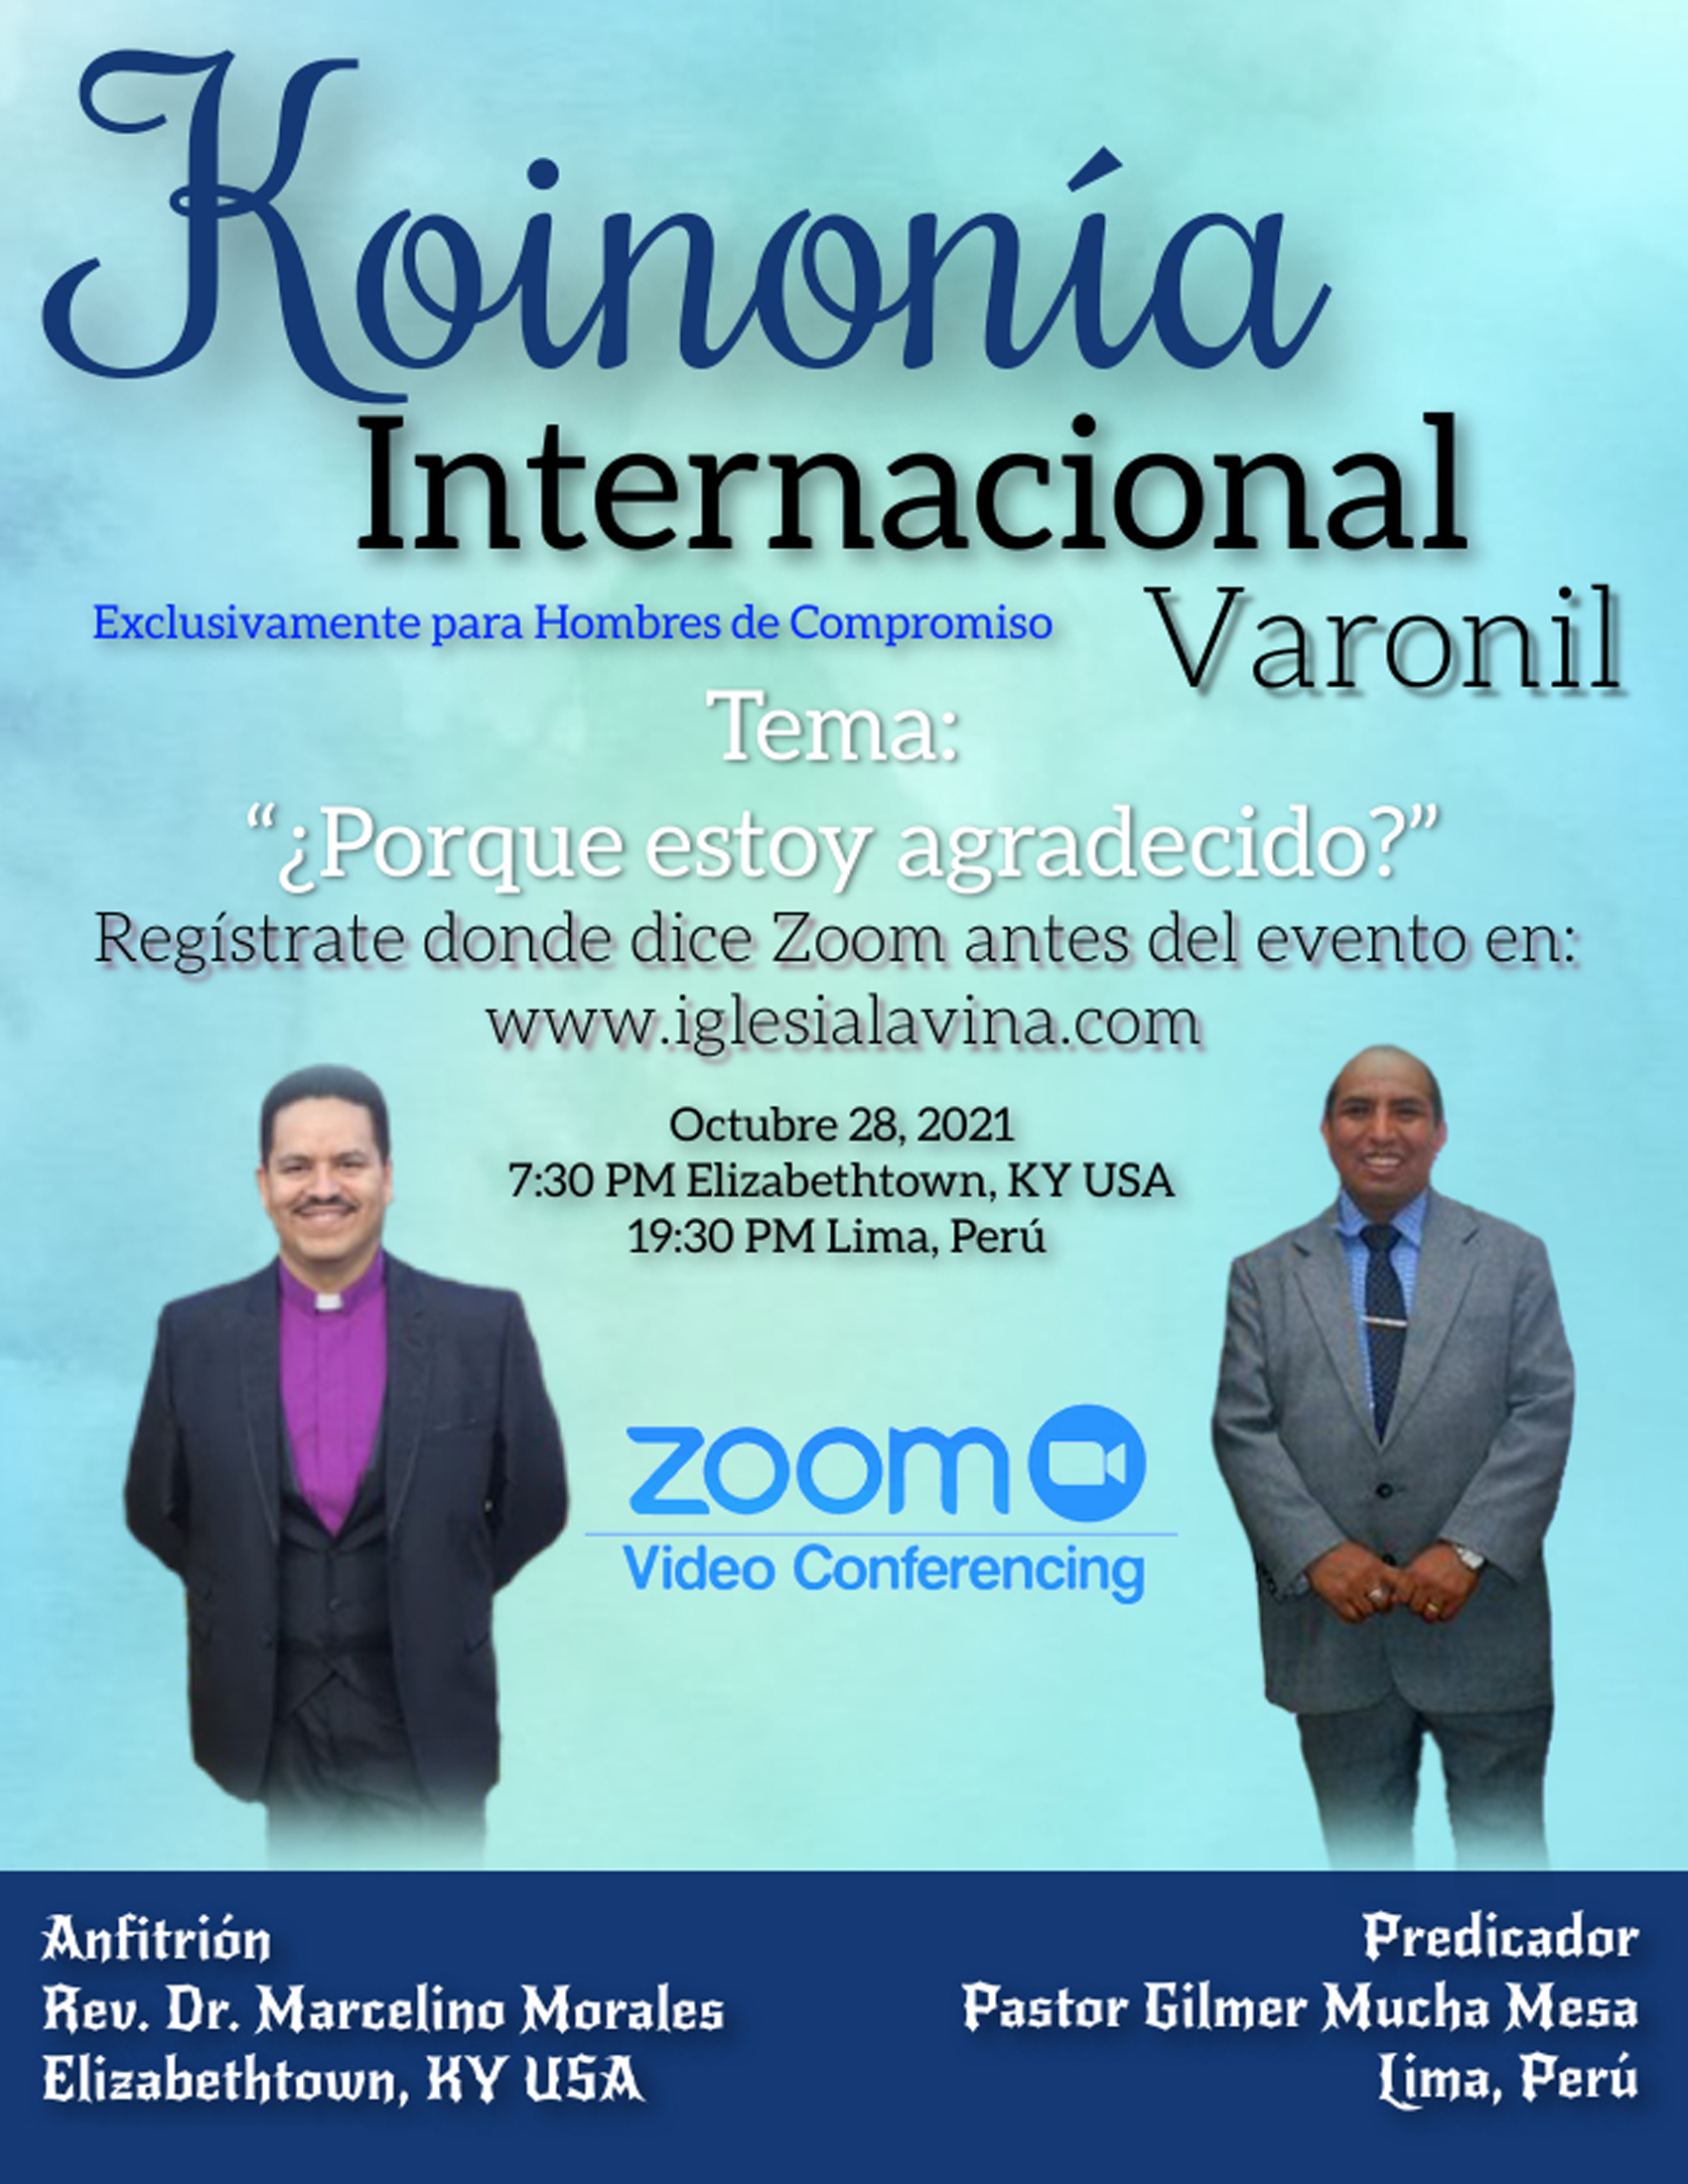 Koinonía 10-28-2021 - Pastor Gilmer Much